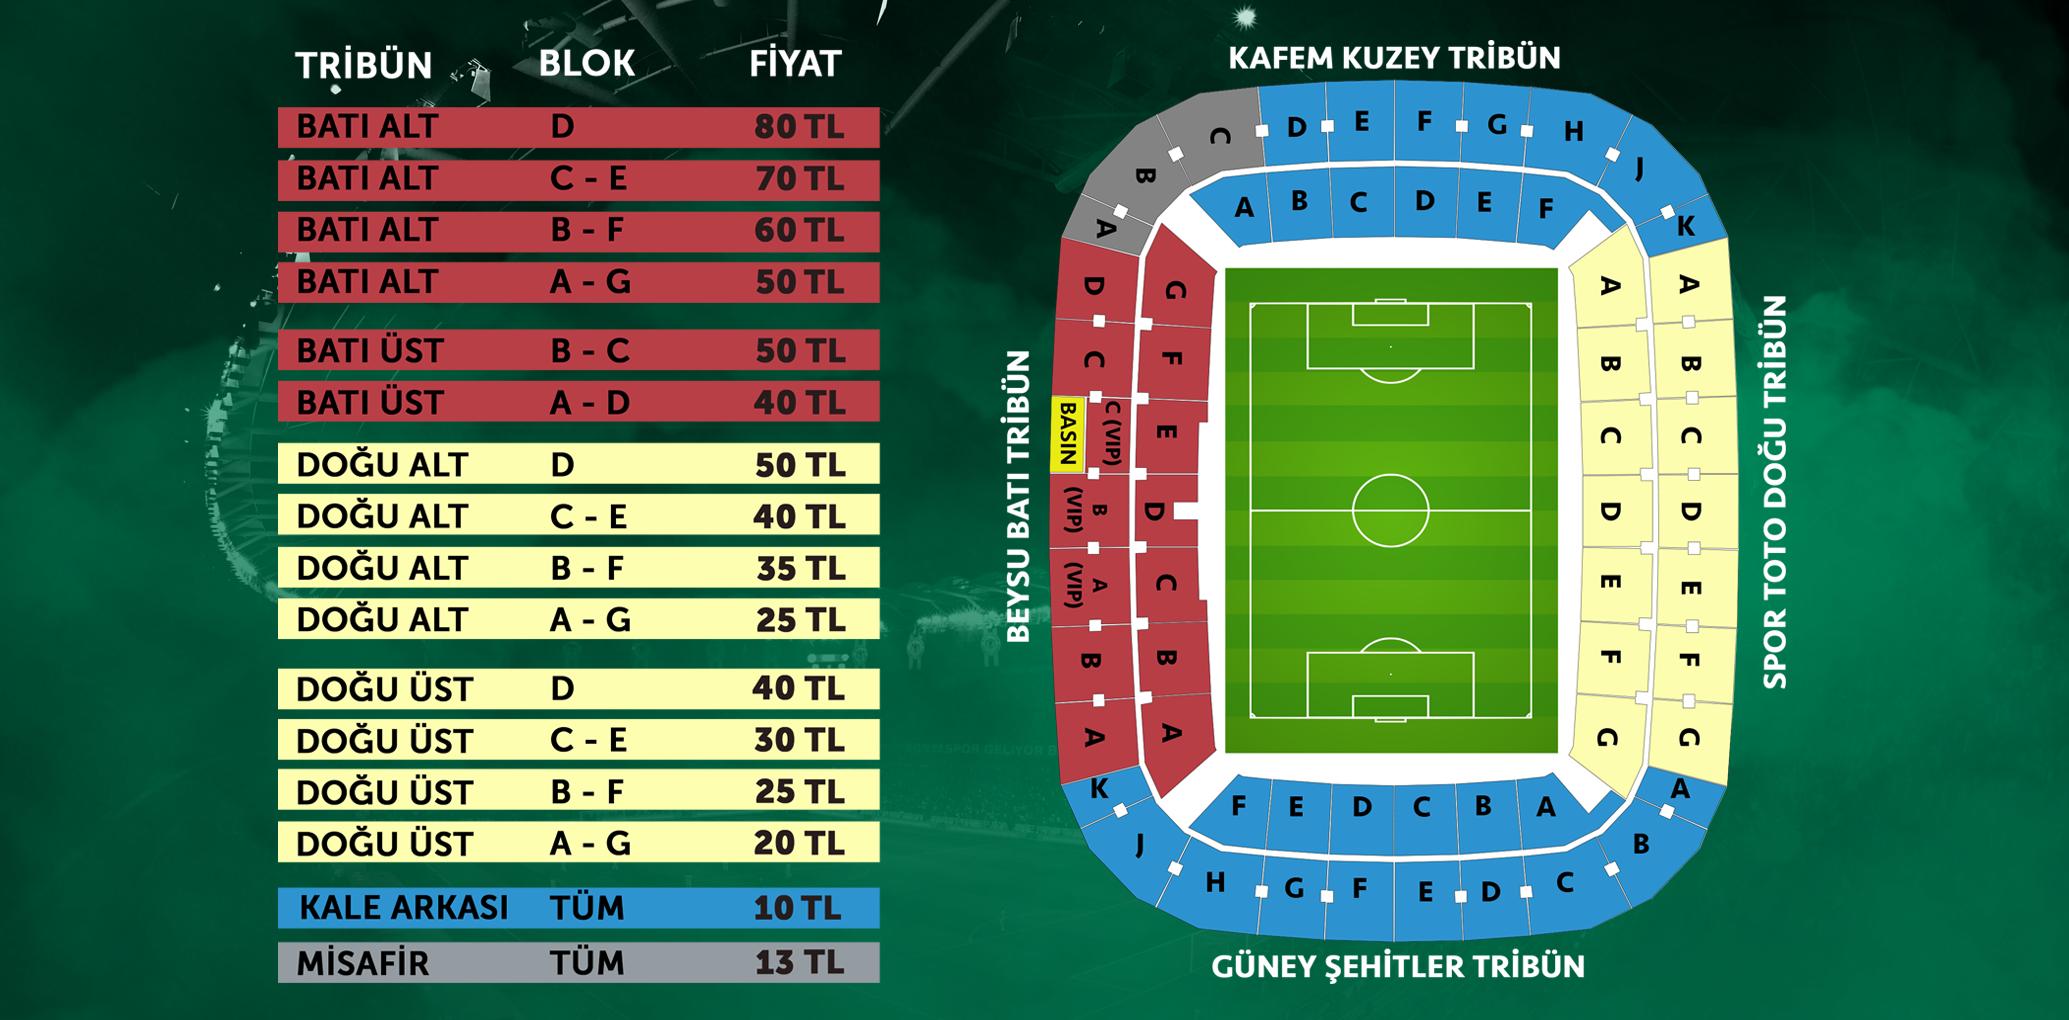 Gaziantep Maçı Biletleri Satışa Çıkıyor